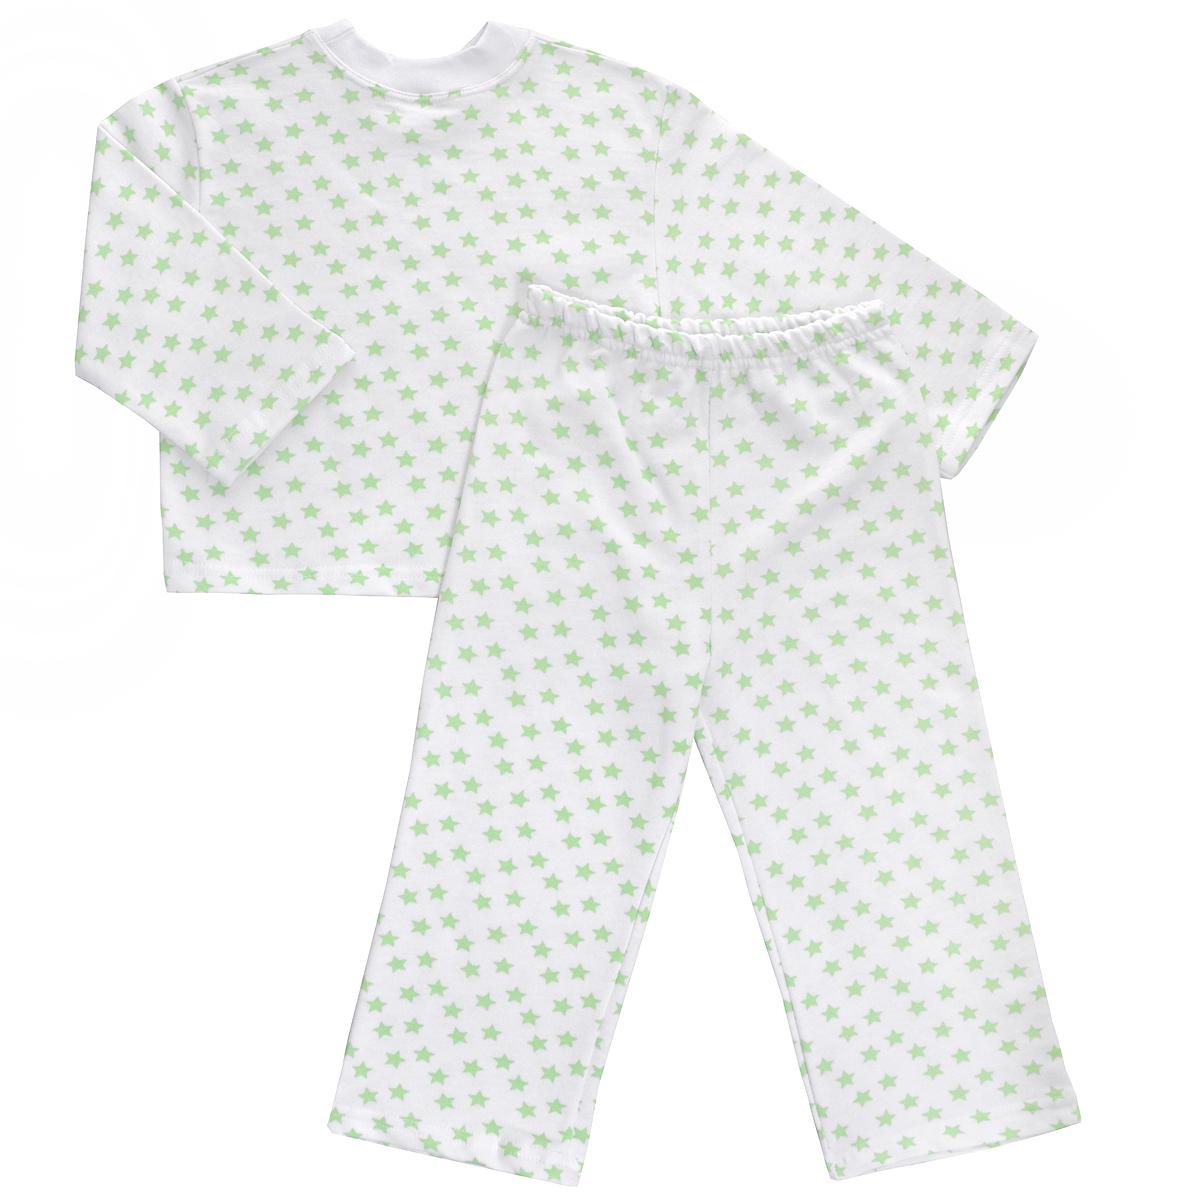 Пижама детская Трон-плюс, цвет: белый, салатовый, рисунок звезды. 5553. Размер 80/86, 1-2 года5553Яркая детская пижама Трон-плюс, состоящая из кофточки и штанишек, идеально подойдет вашему малышу и станет отличным дополнением к детскому гардеробу. Теплая пижама, изготовленная из набивного футера - натурального хлопка, необычайно мягкая и легкая, не сковывает движения ребенка, позволяет коже дышать и не раздражает даже самую нежную и чувствительную кожу малыша. Кофта с длинными рукавами имеет круглый вырез горловины. Штанишки на удобной резинке не сдавливают животик ребенка и не сползают.В такой пижаме ваш ребенок будет чувствовать себя комфортно и уютно во время сна.